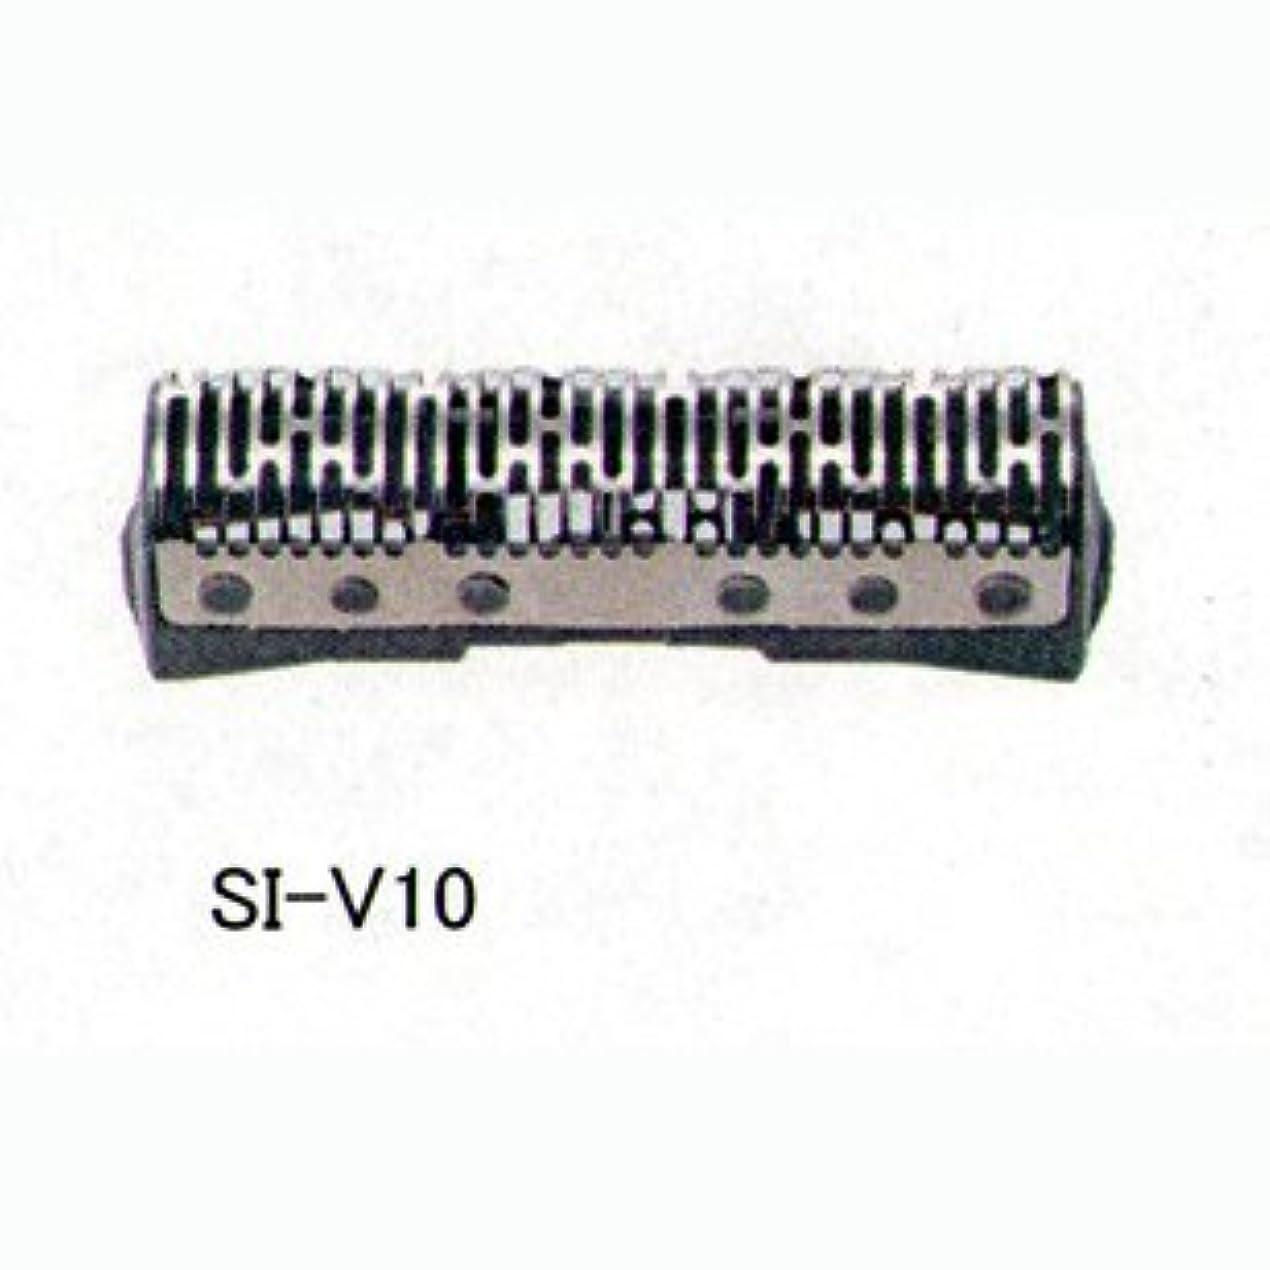 拾うスパイ主権者IZUMI シェーバー用替刃(内刃) SI-V10